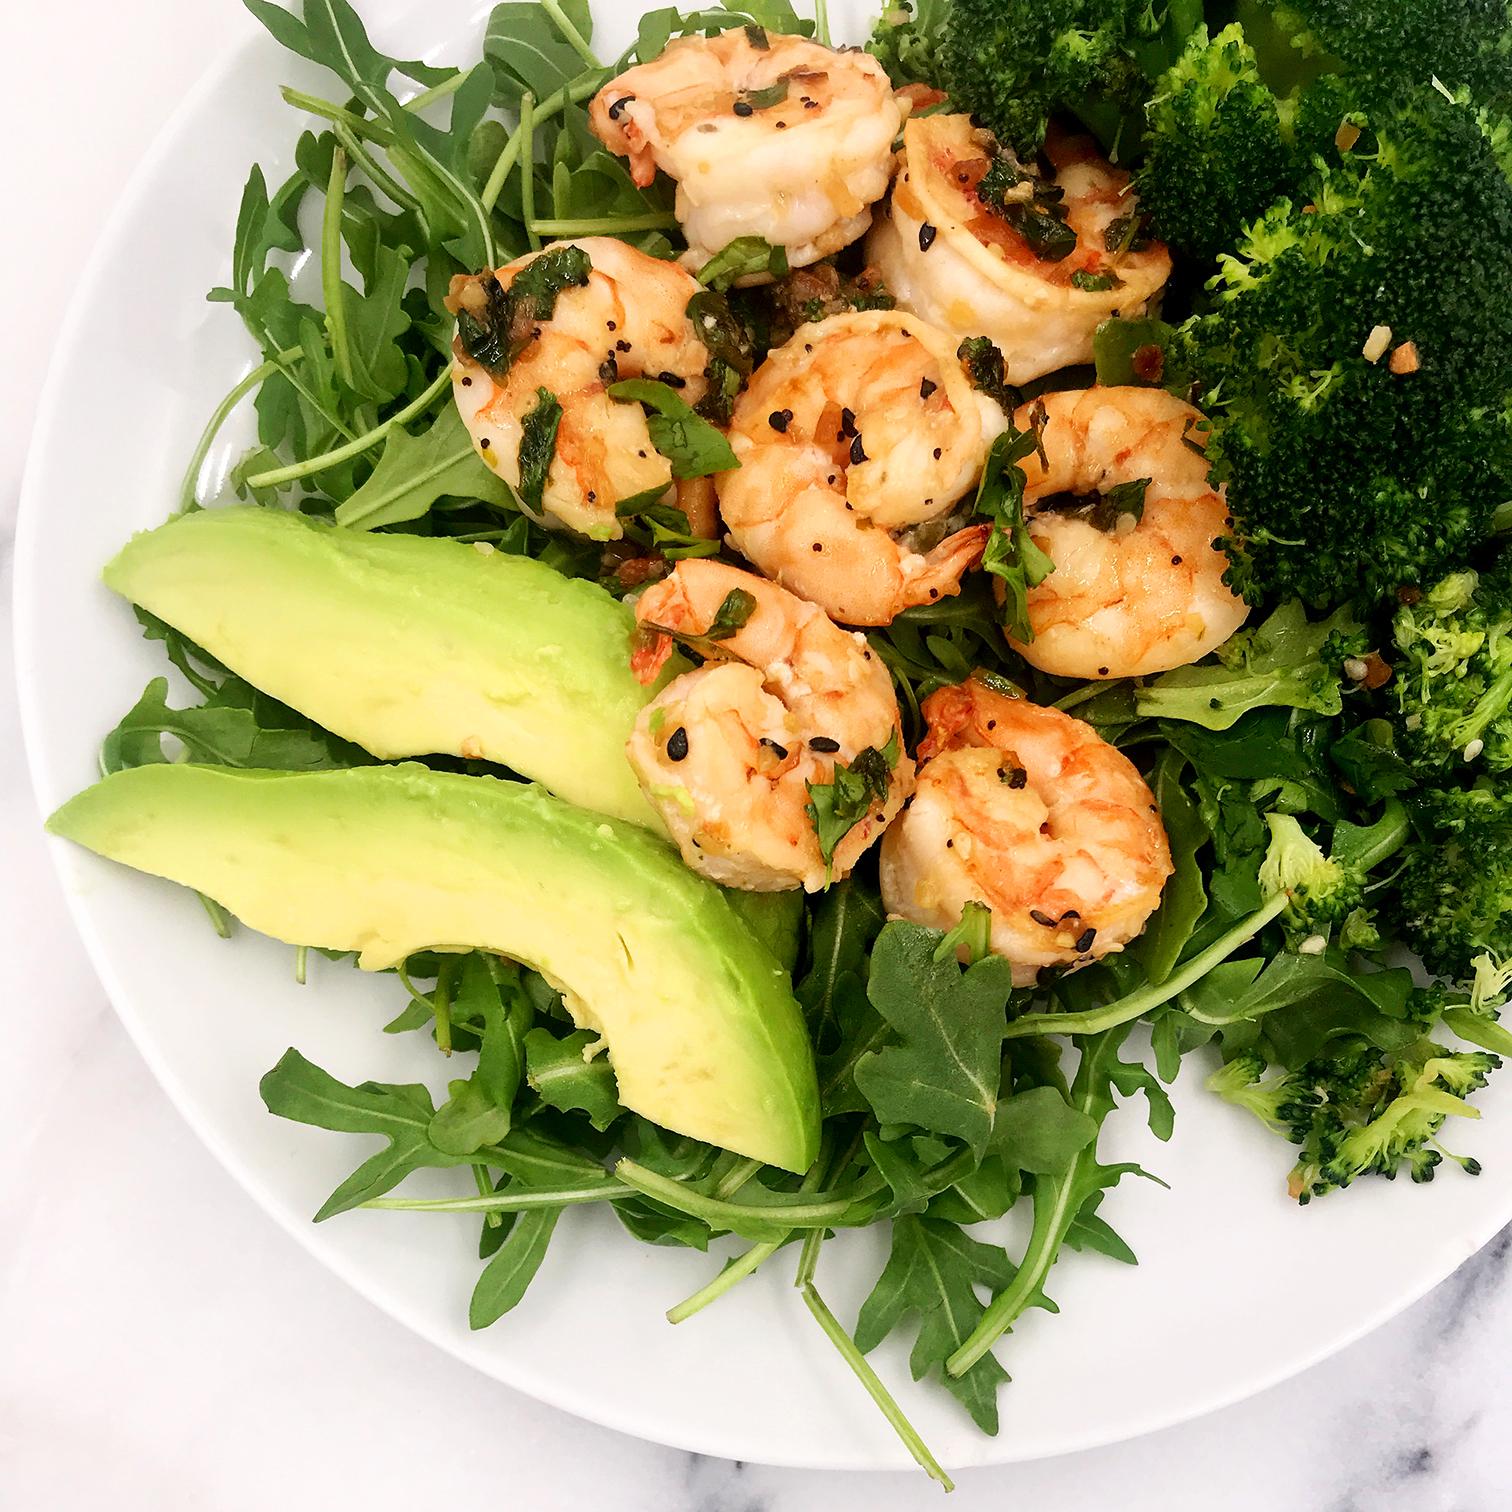 shrimp & Avacado lr.jpg